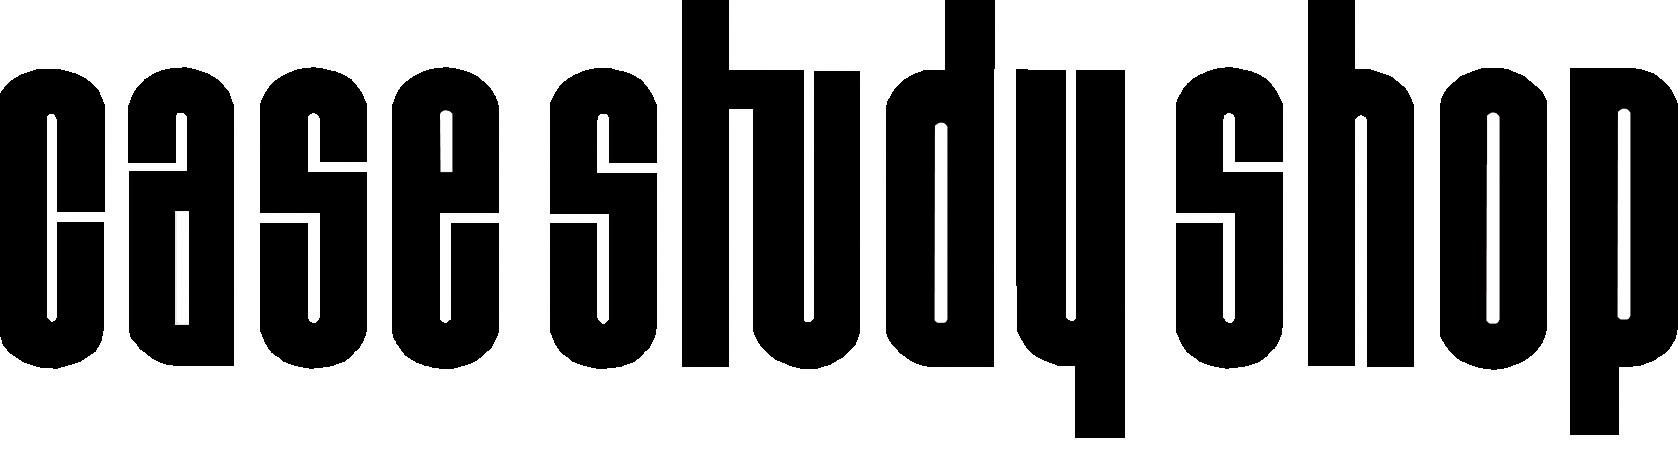 casestudyshopロゴ